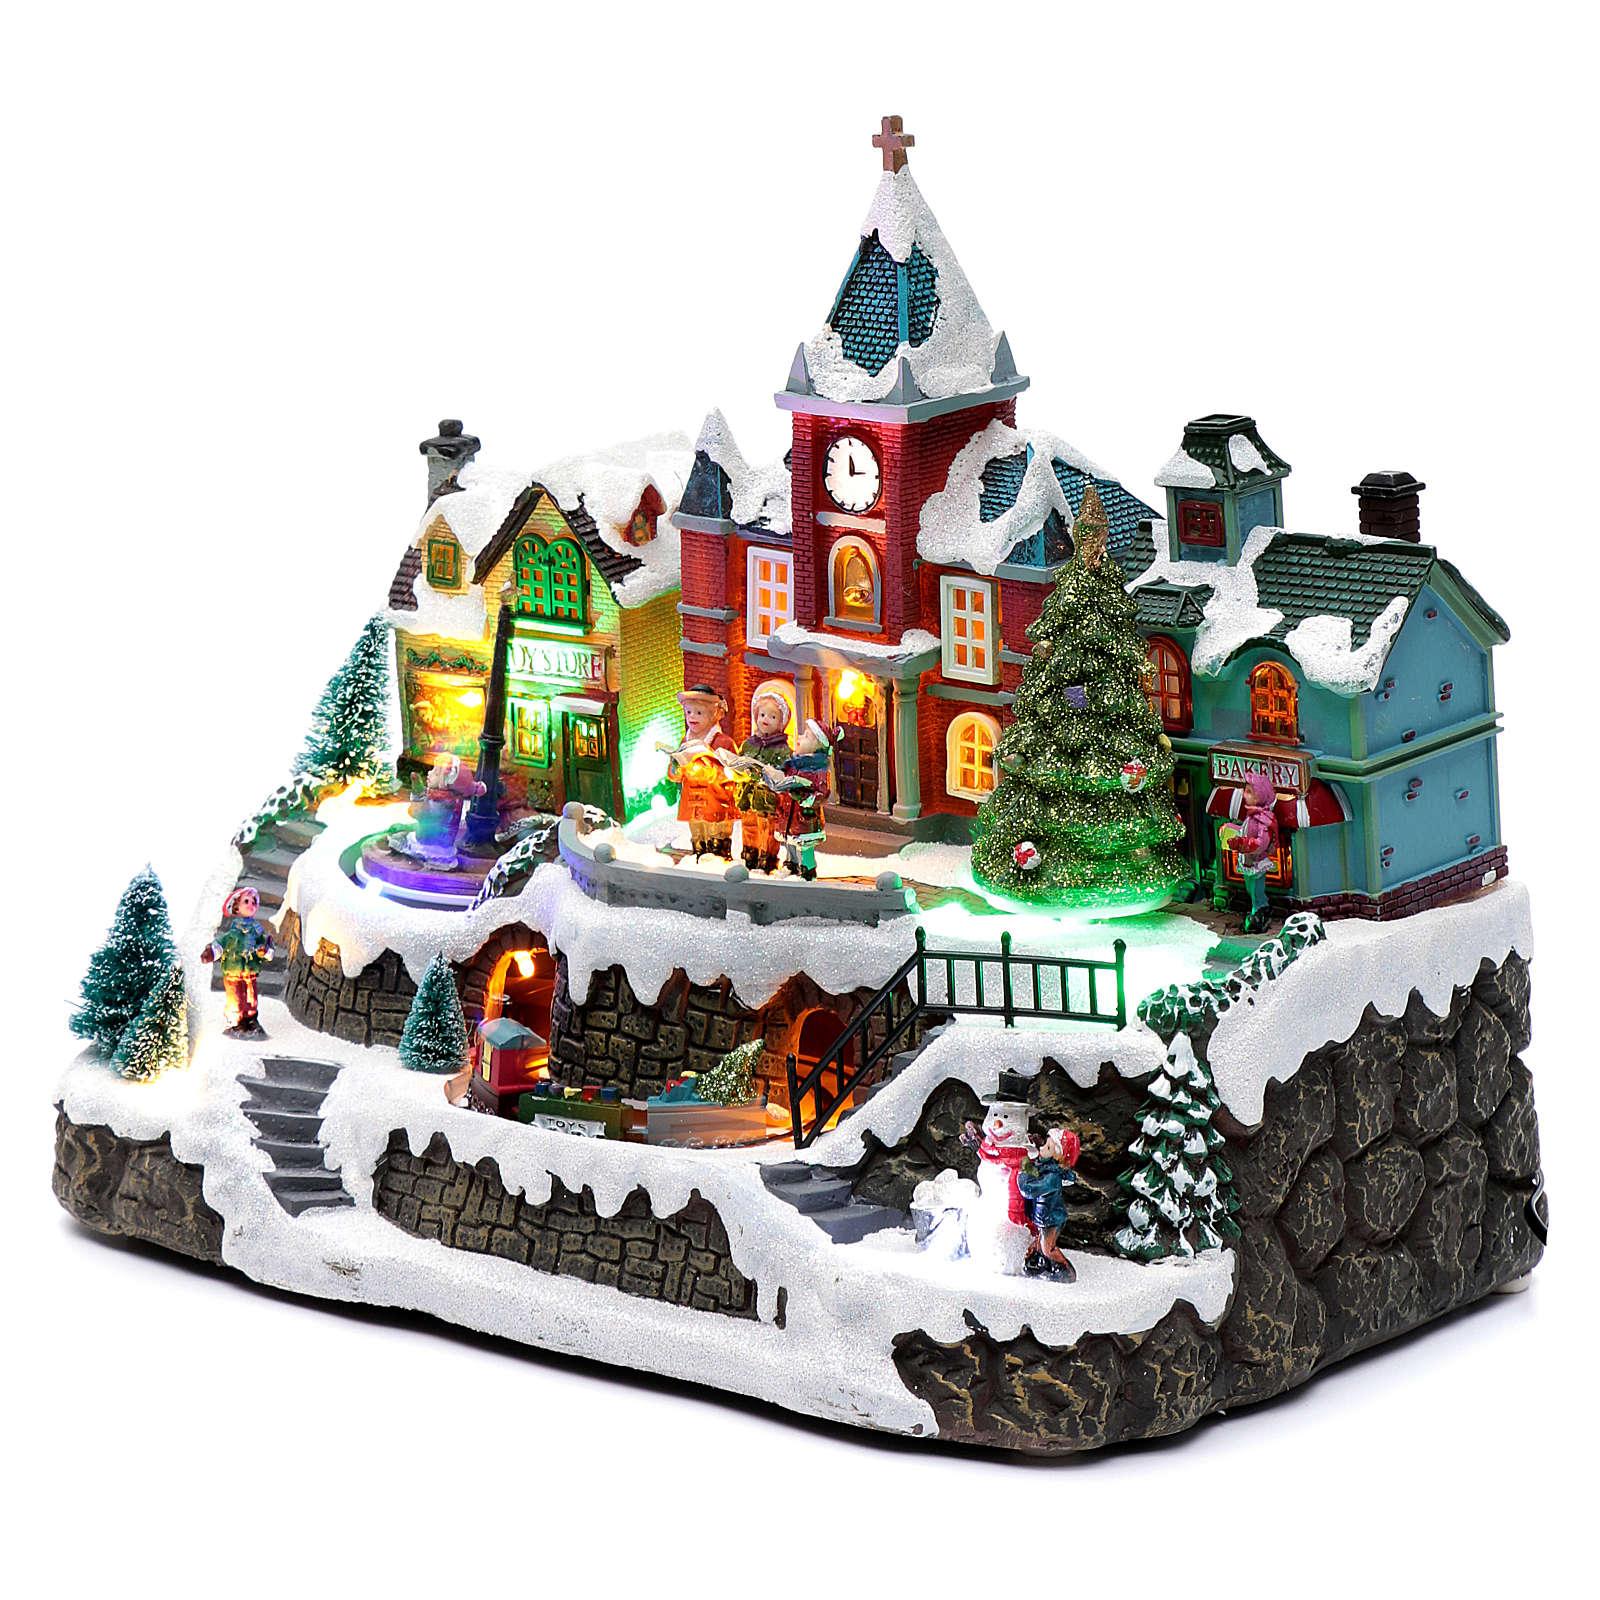 Weihnachtsdorf, mit Beleuchtung, Musik, beweglichen Zug und Brunnen, 28x34x19 cm 3